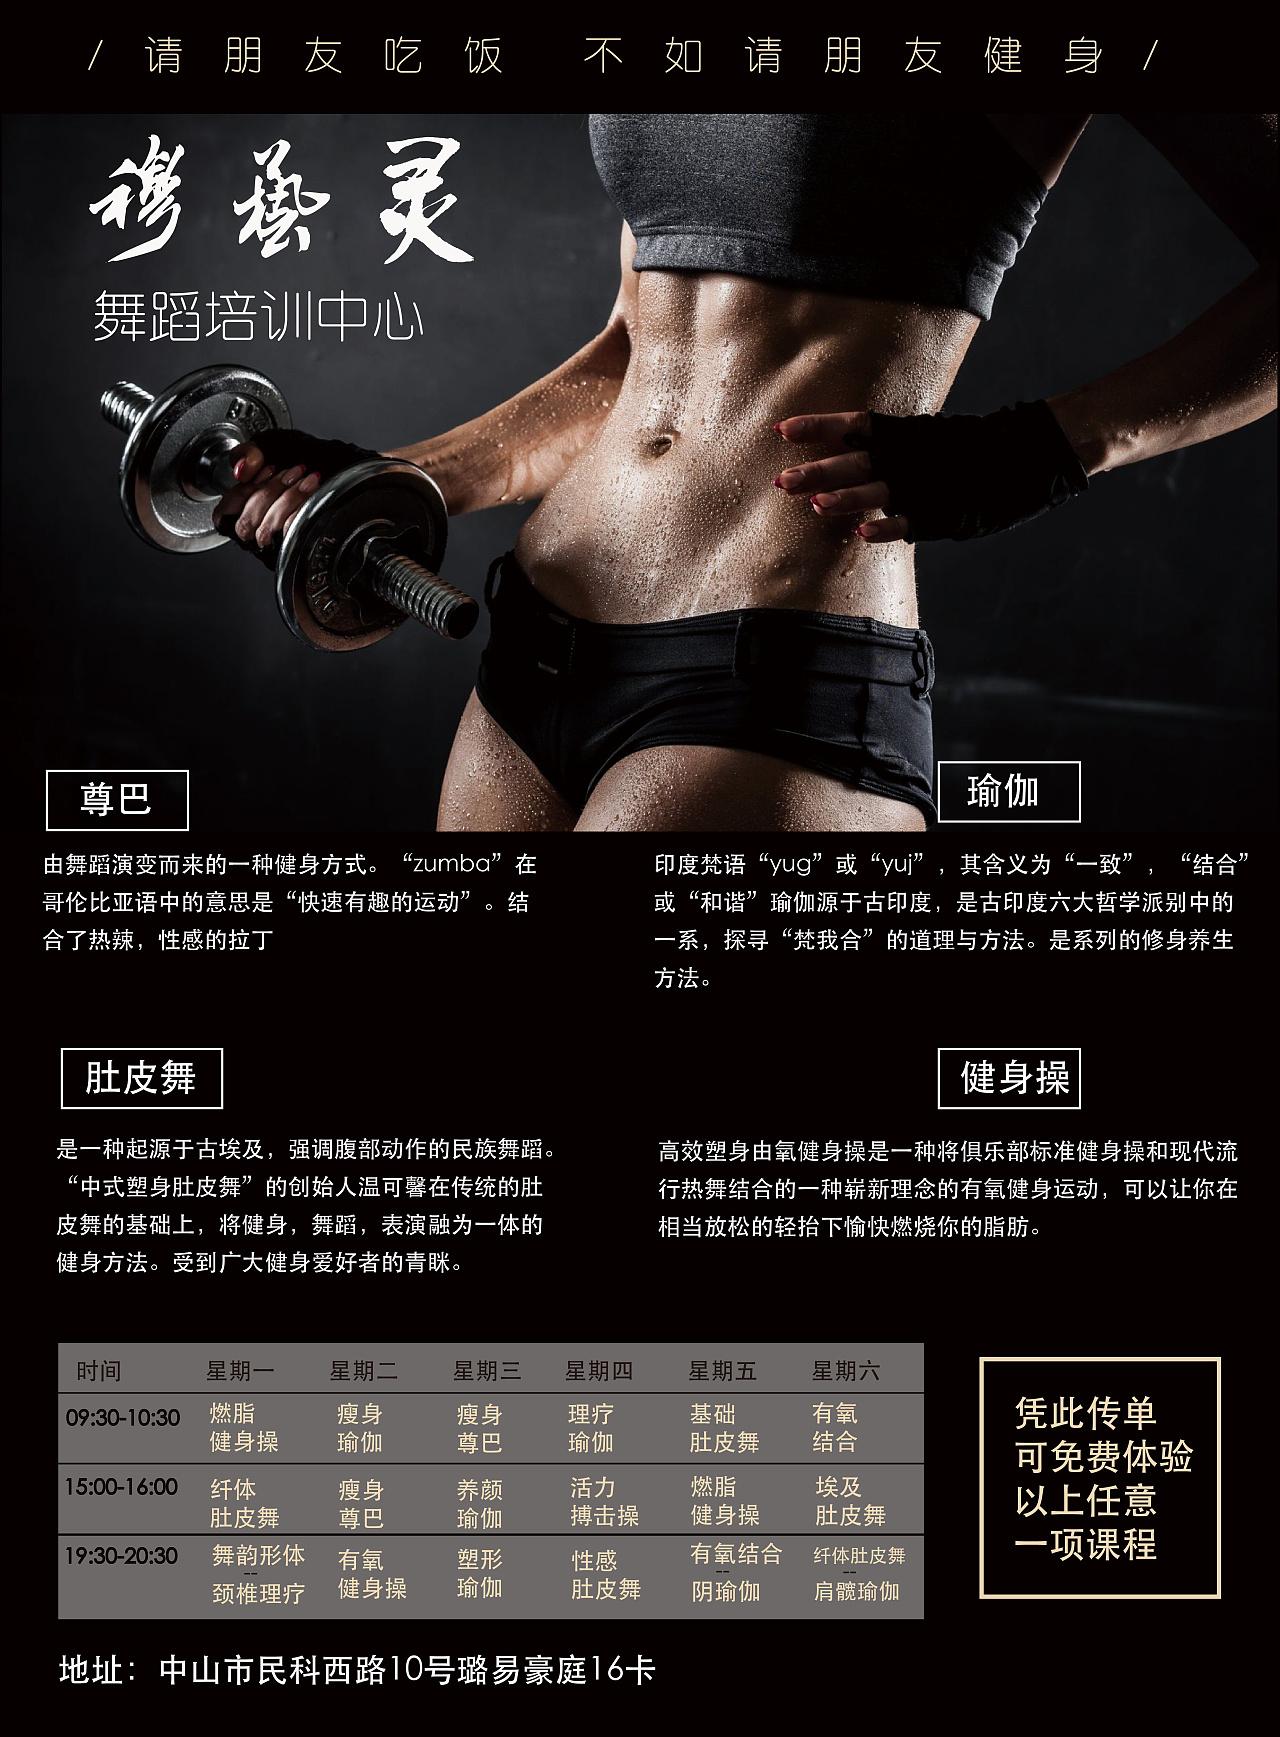 广州健身房_健身房海报|平面|海报|alexforfang - 原创作品 - 站酷 (ZCOOL)